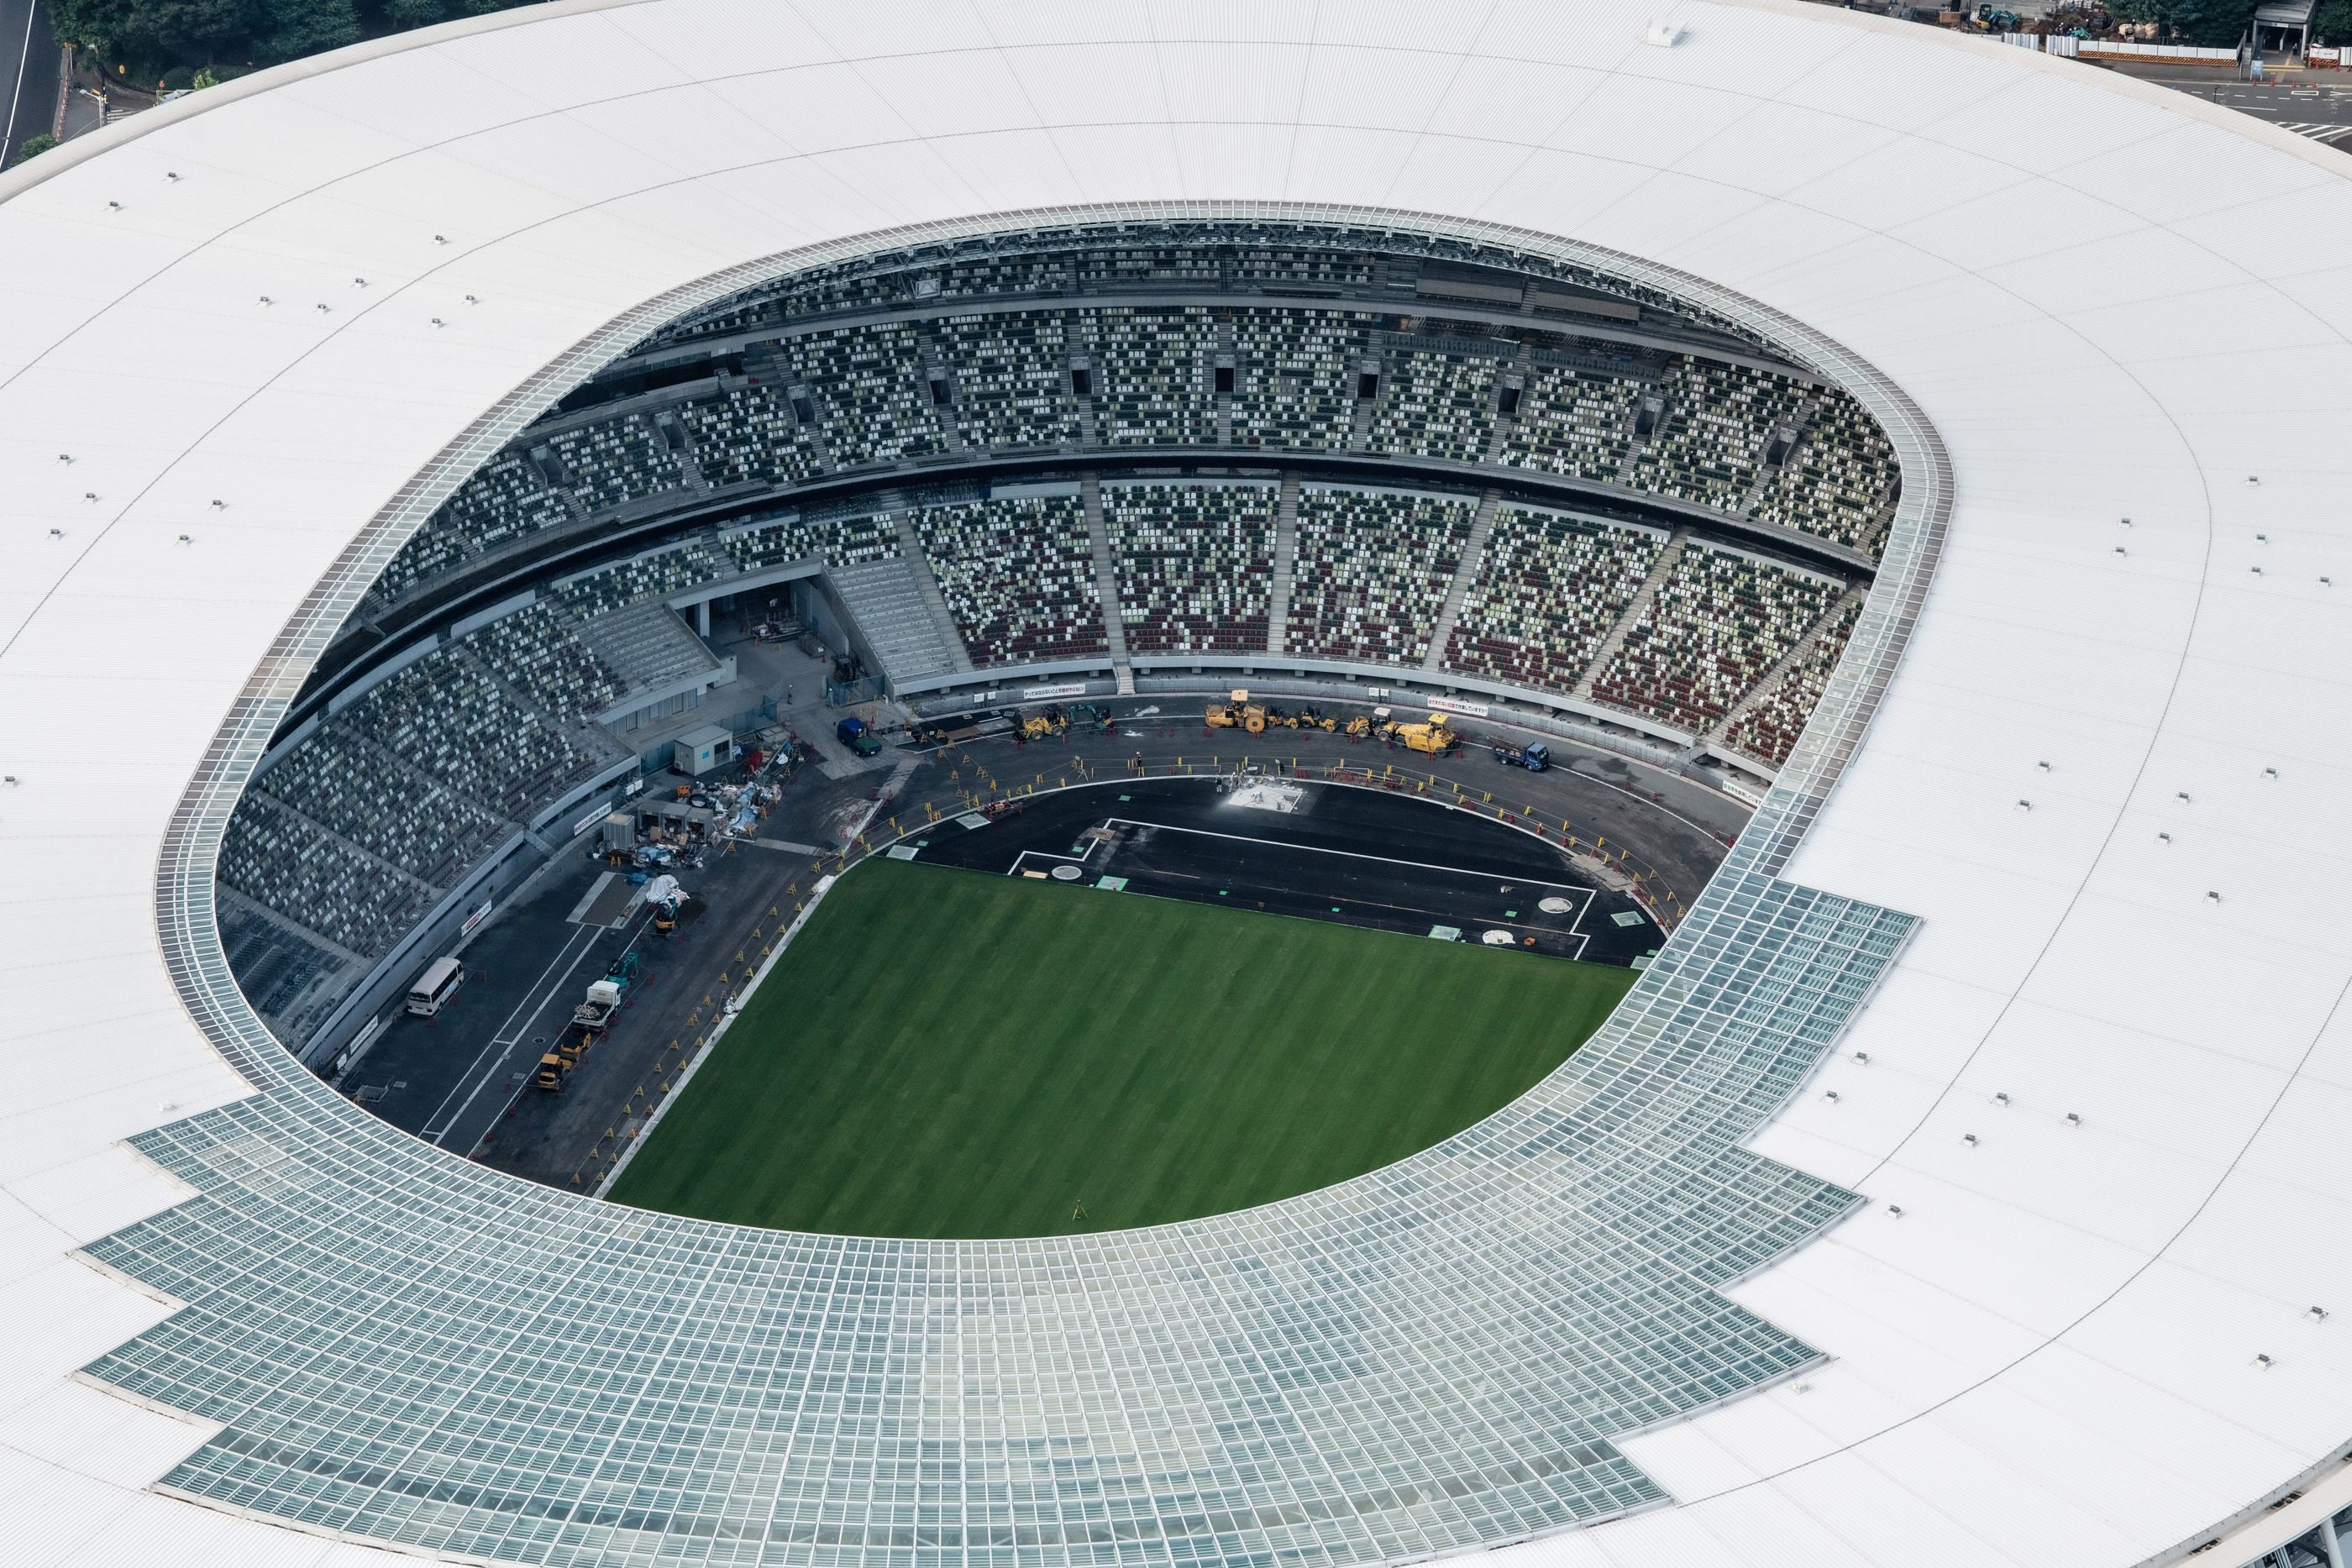 ملعب كوكوريتسو - الصورة من موقع world athletics